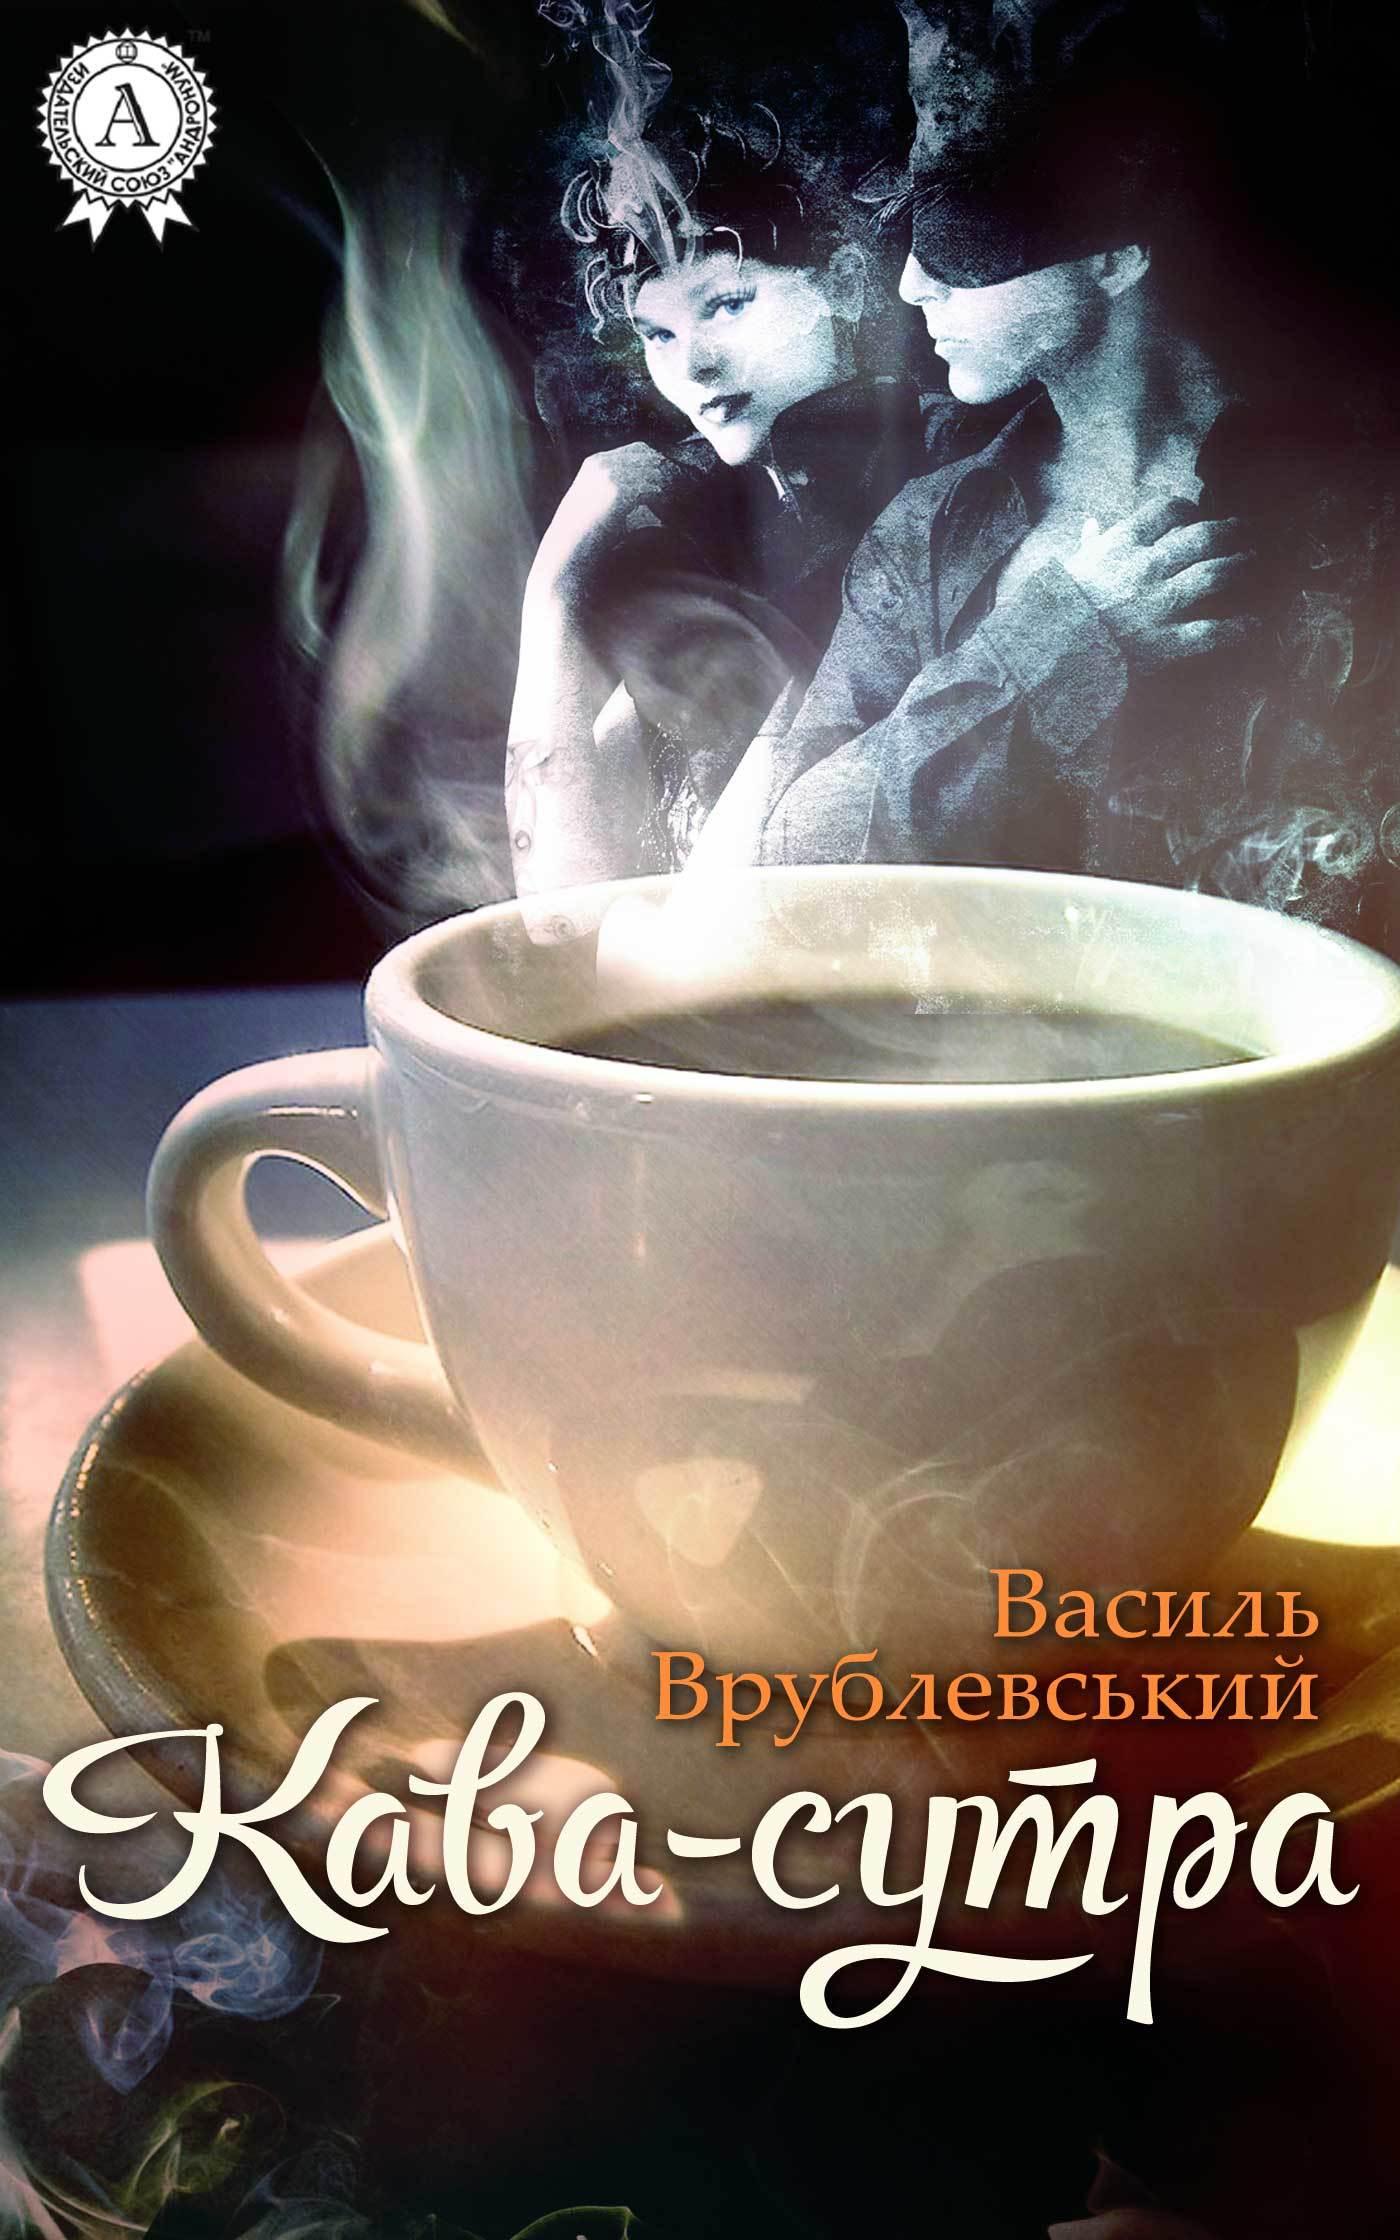 Кава-сутра